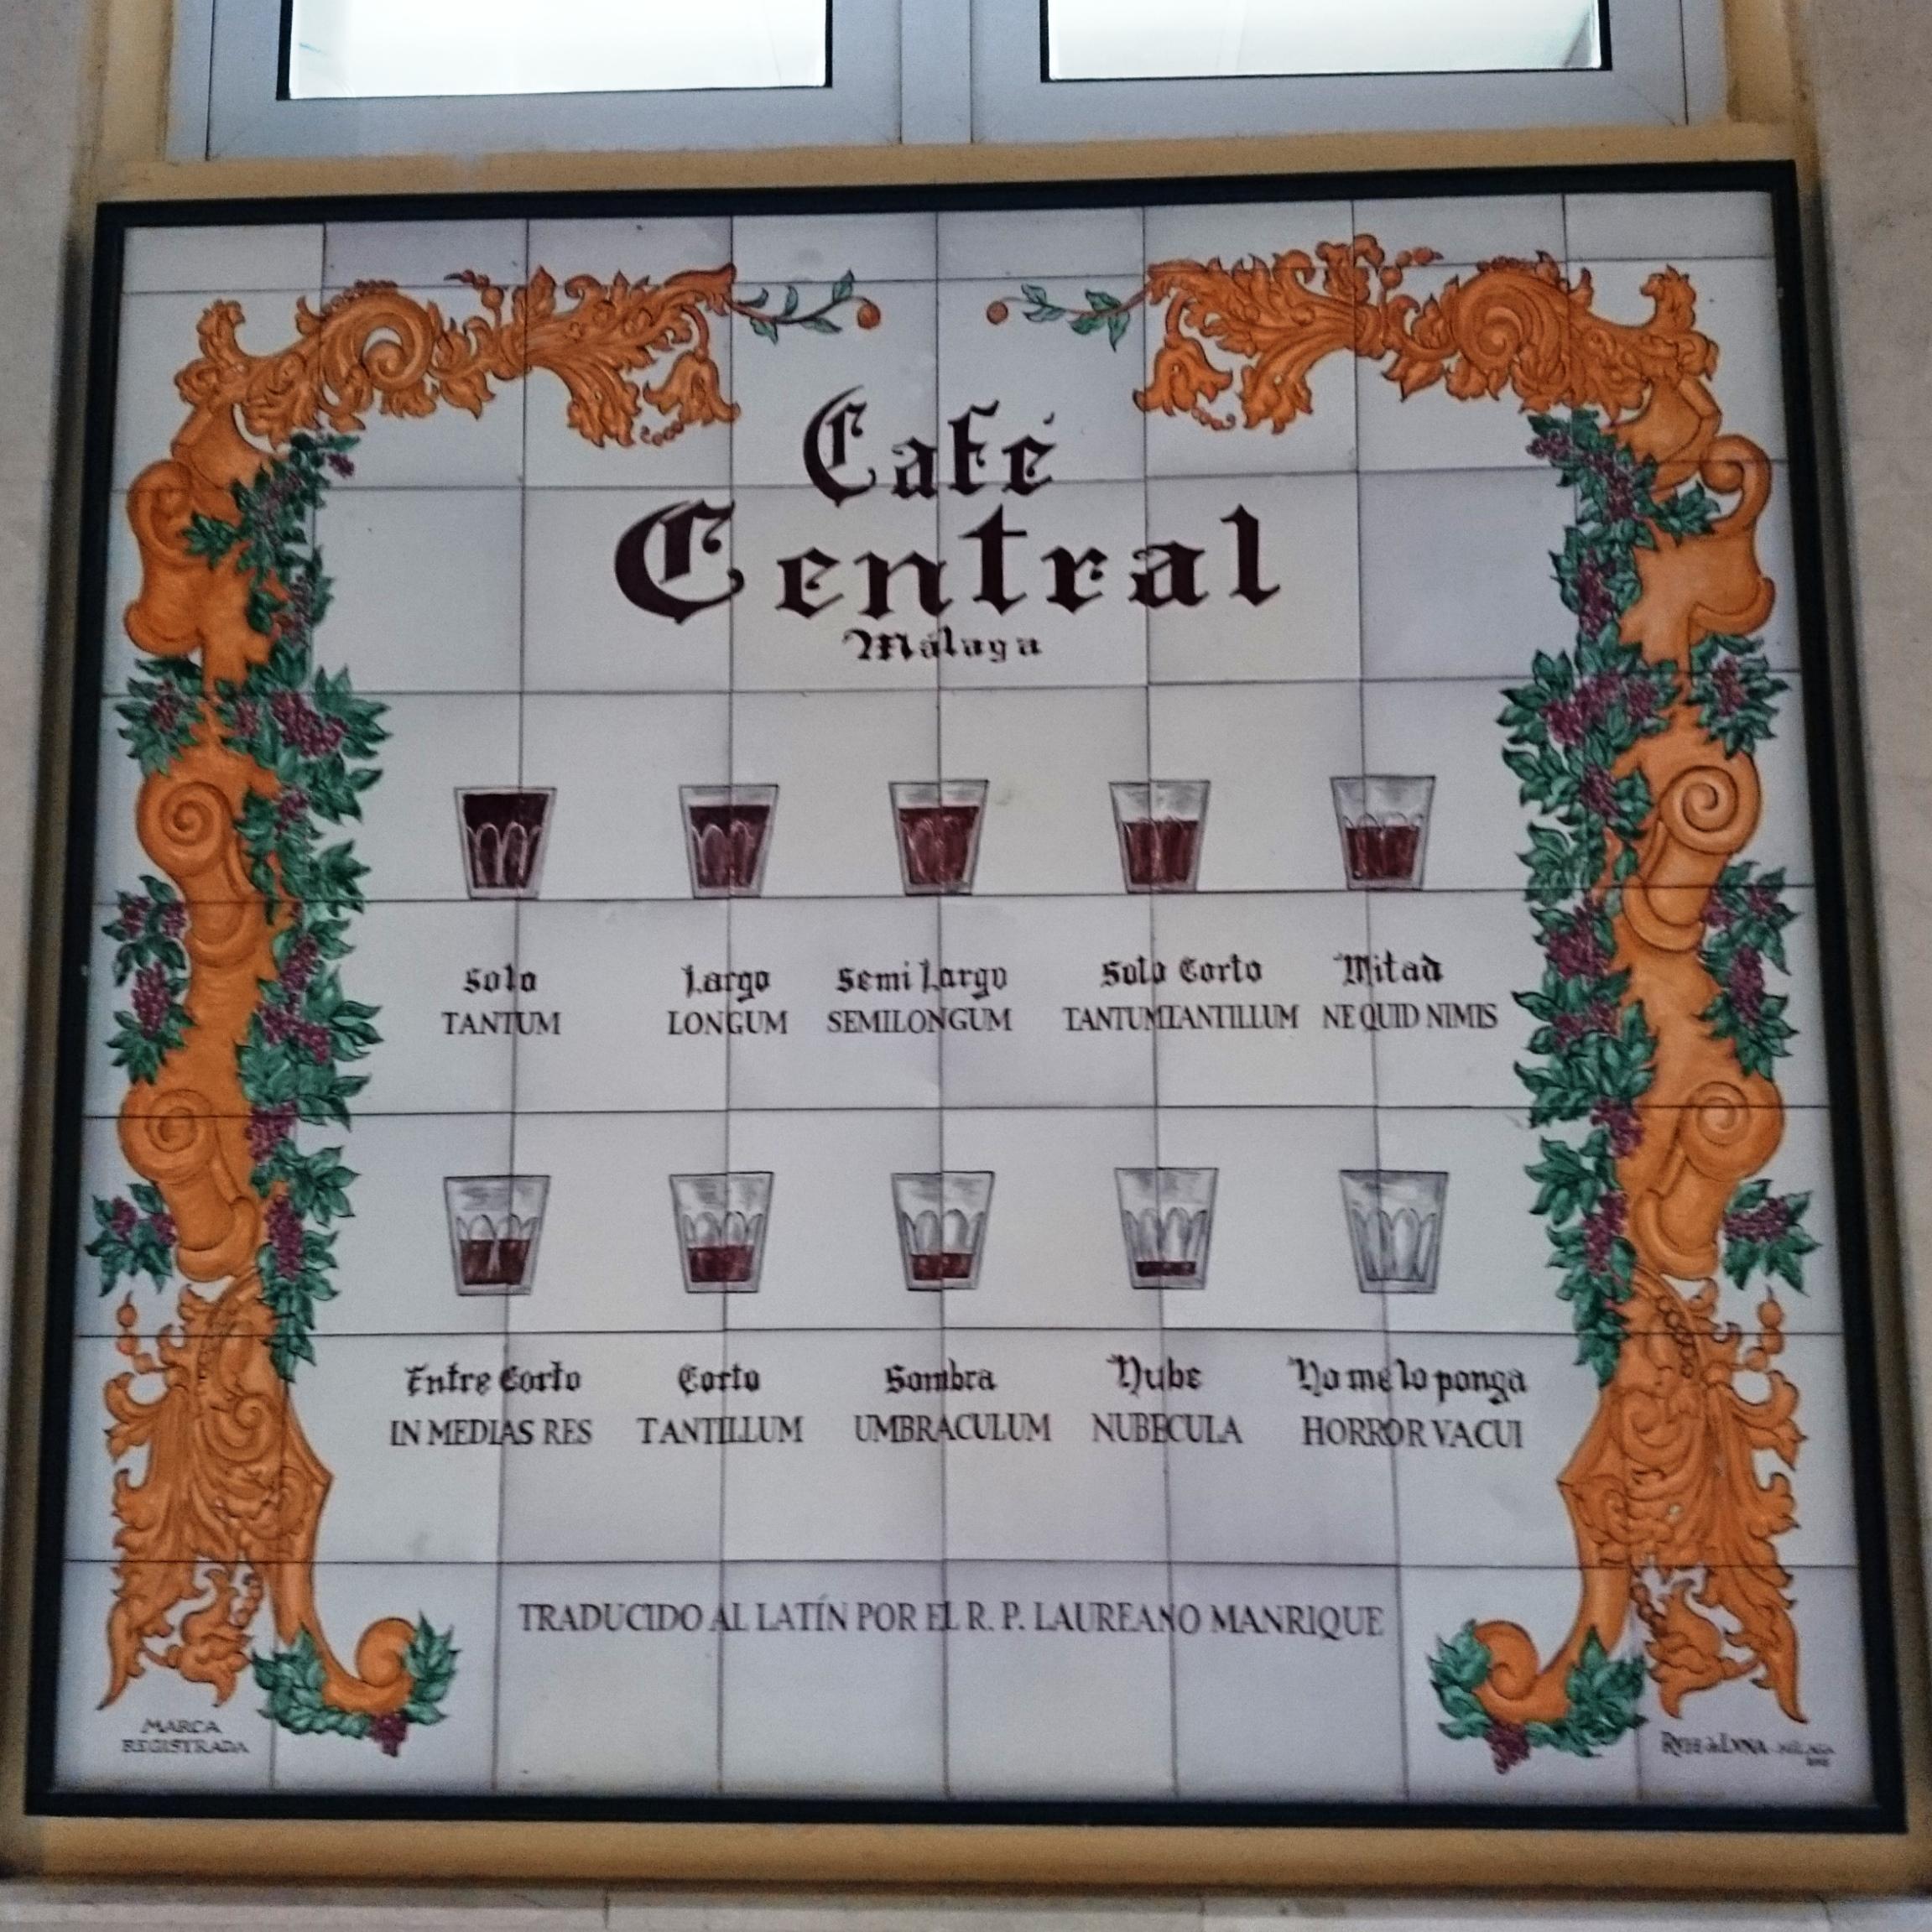 Solo? Largo? Corto? Kaffee bestellen in Málaga